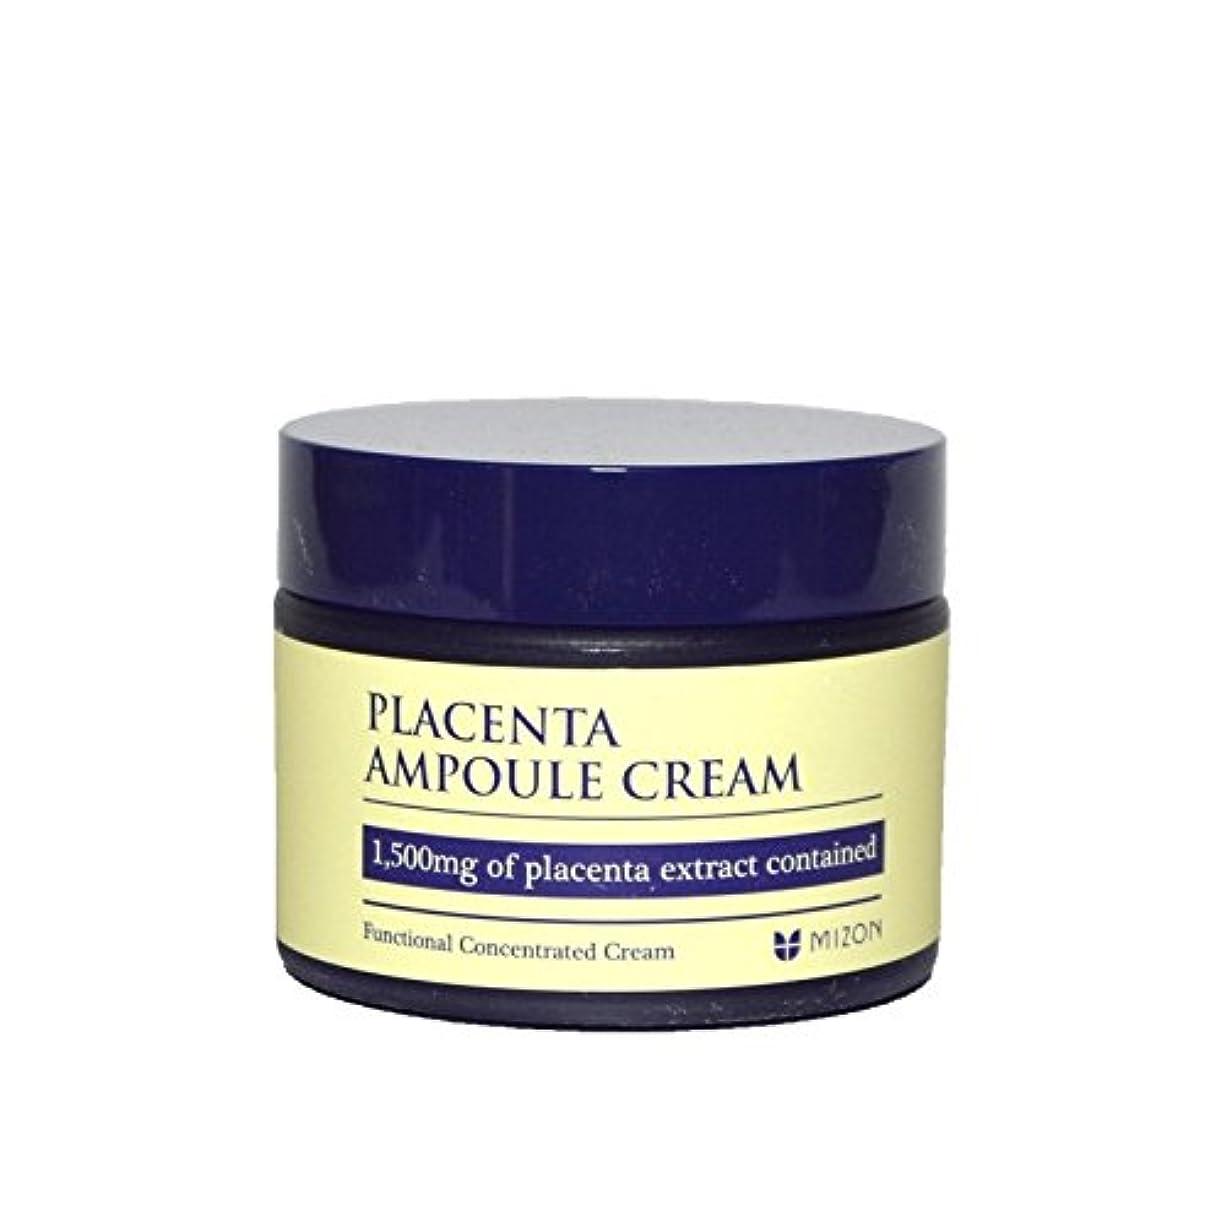 意気揚々必要とする月曜胎盤アンプルクリーム x4 - Mizon Placenta Ampoule Cream (Pack of 4) [並行輸入品]